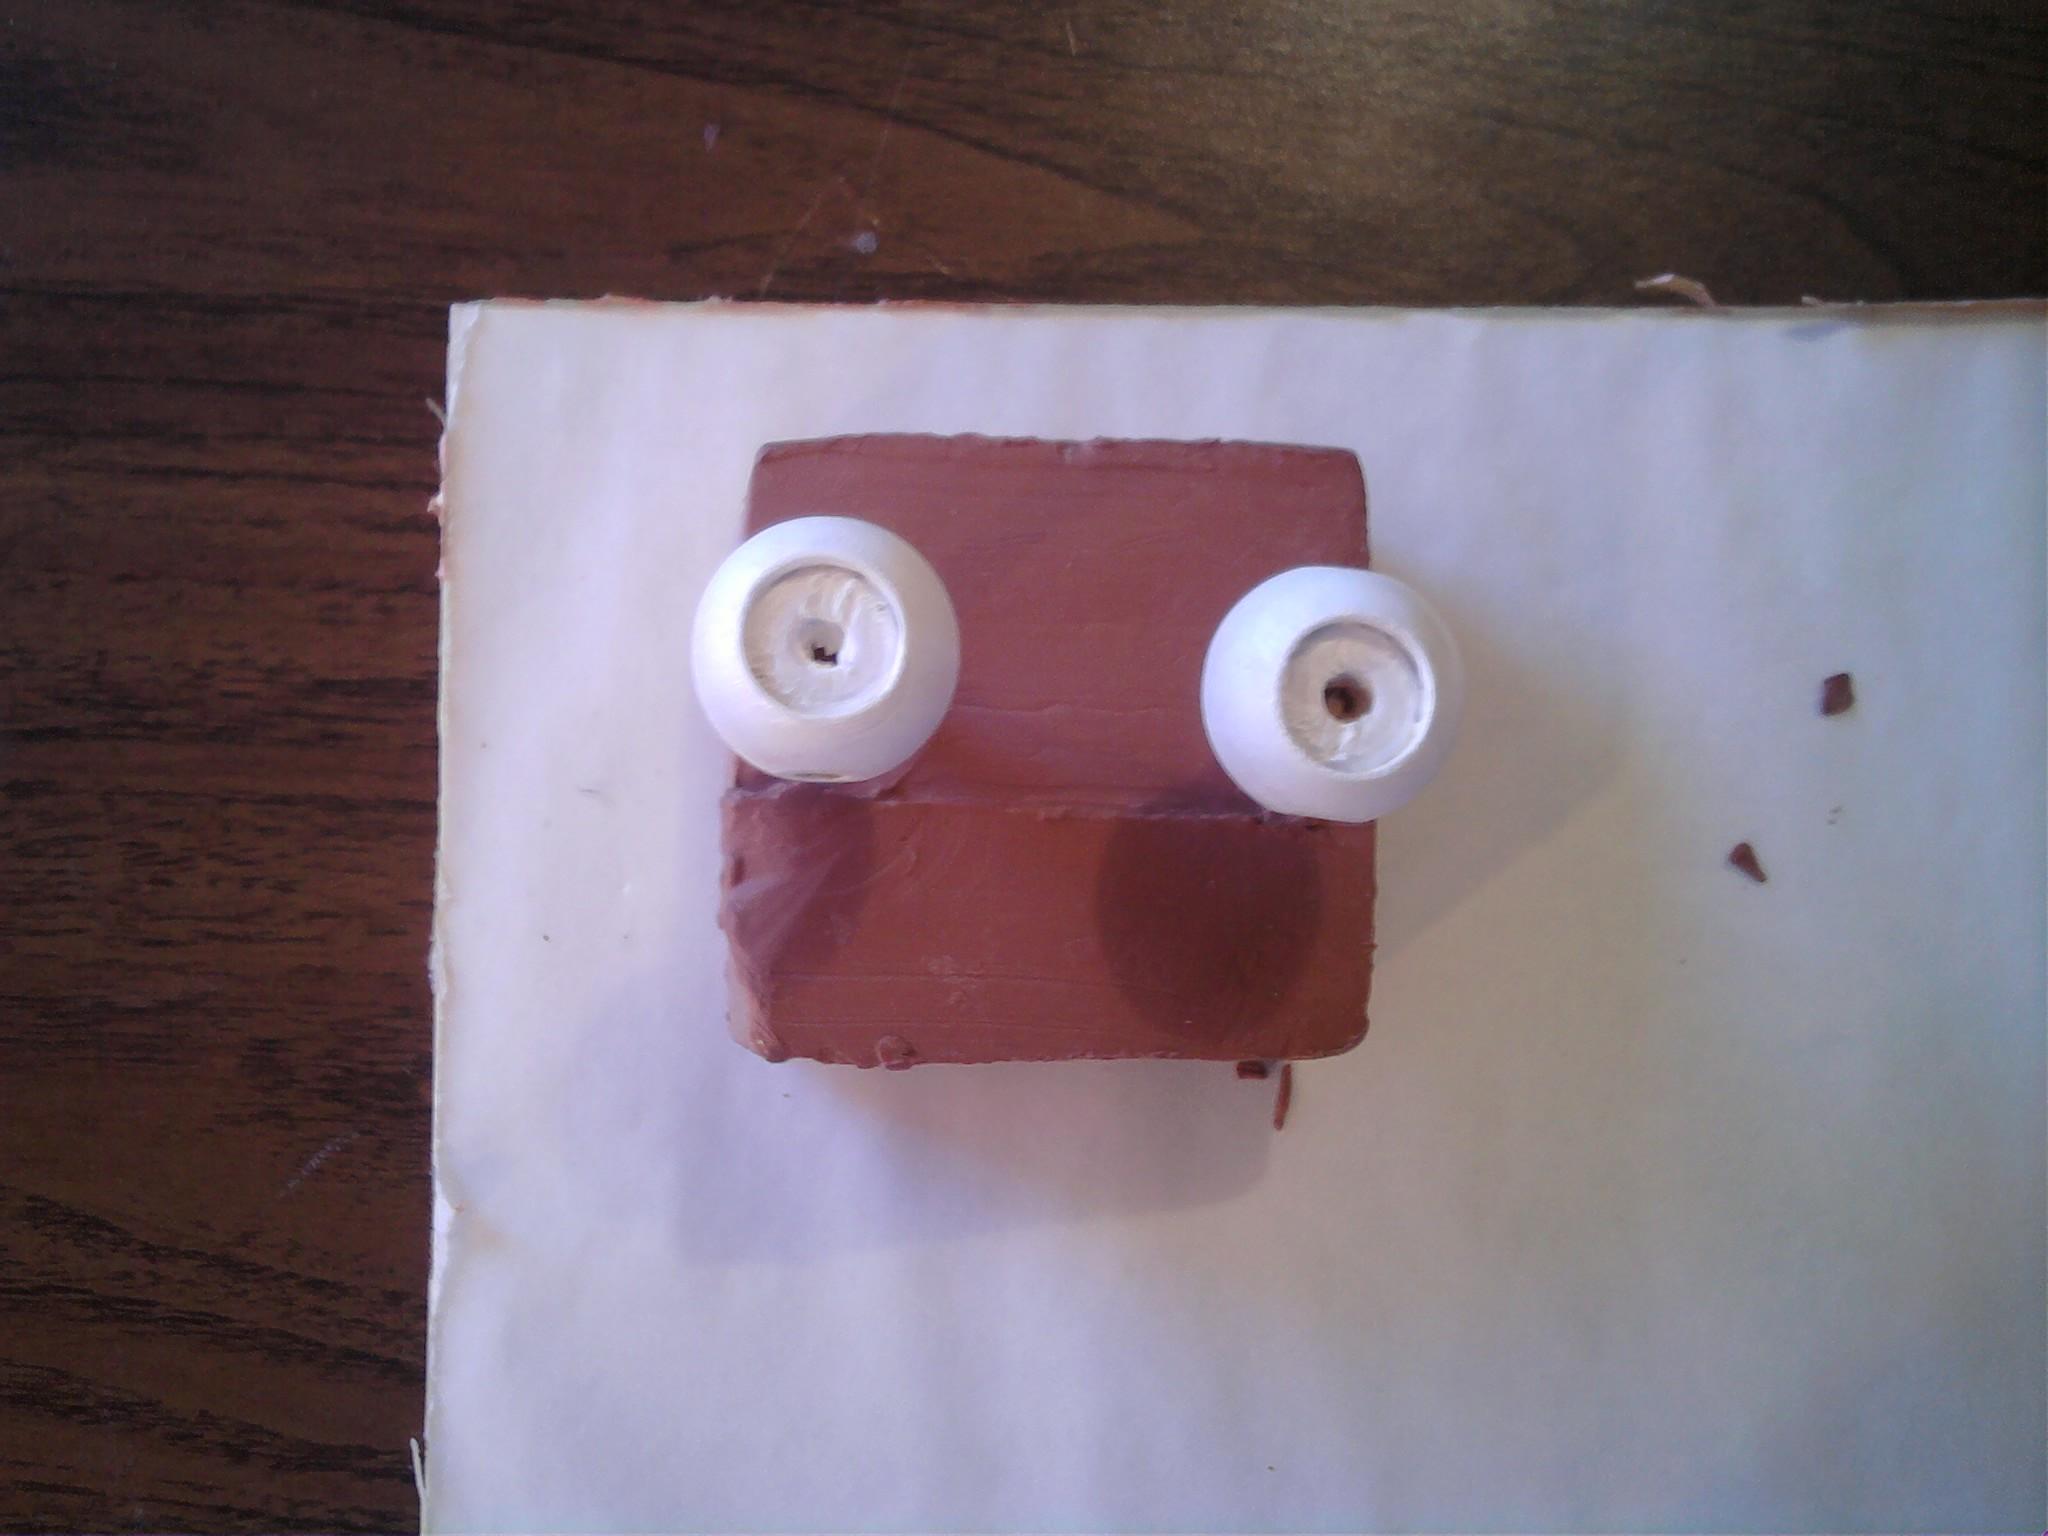 Ventriloquist Dummy Repair